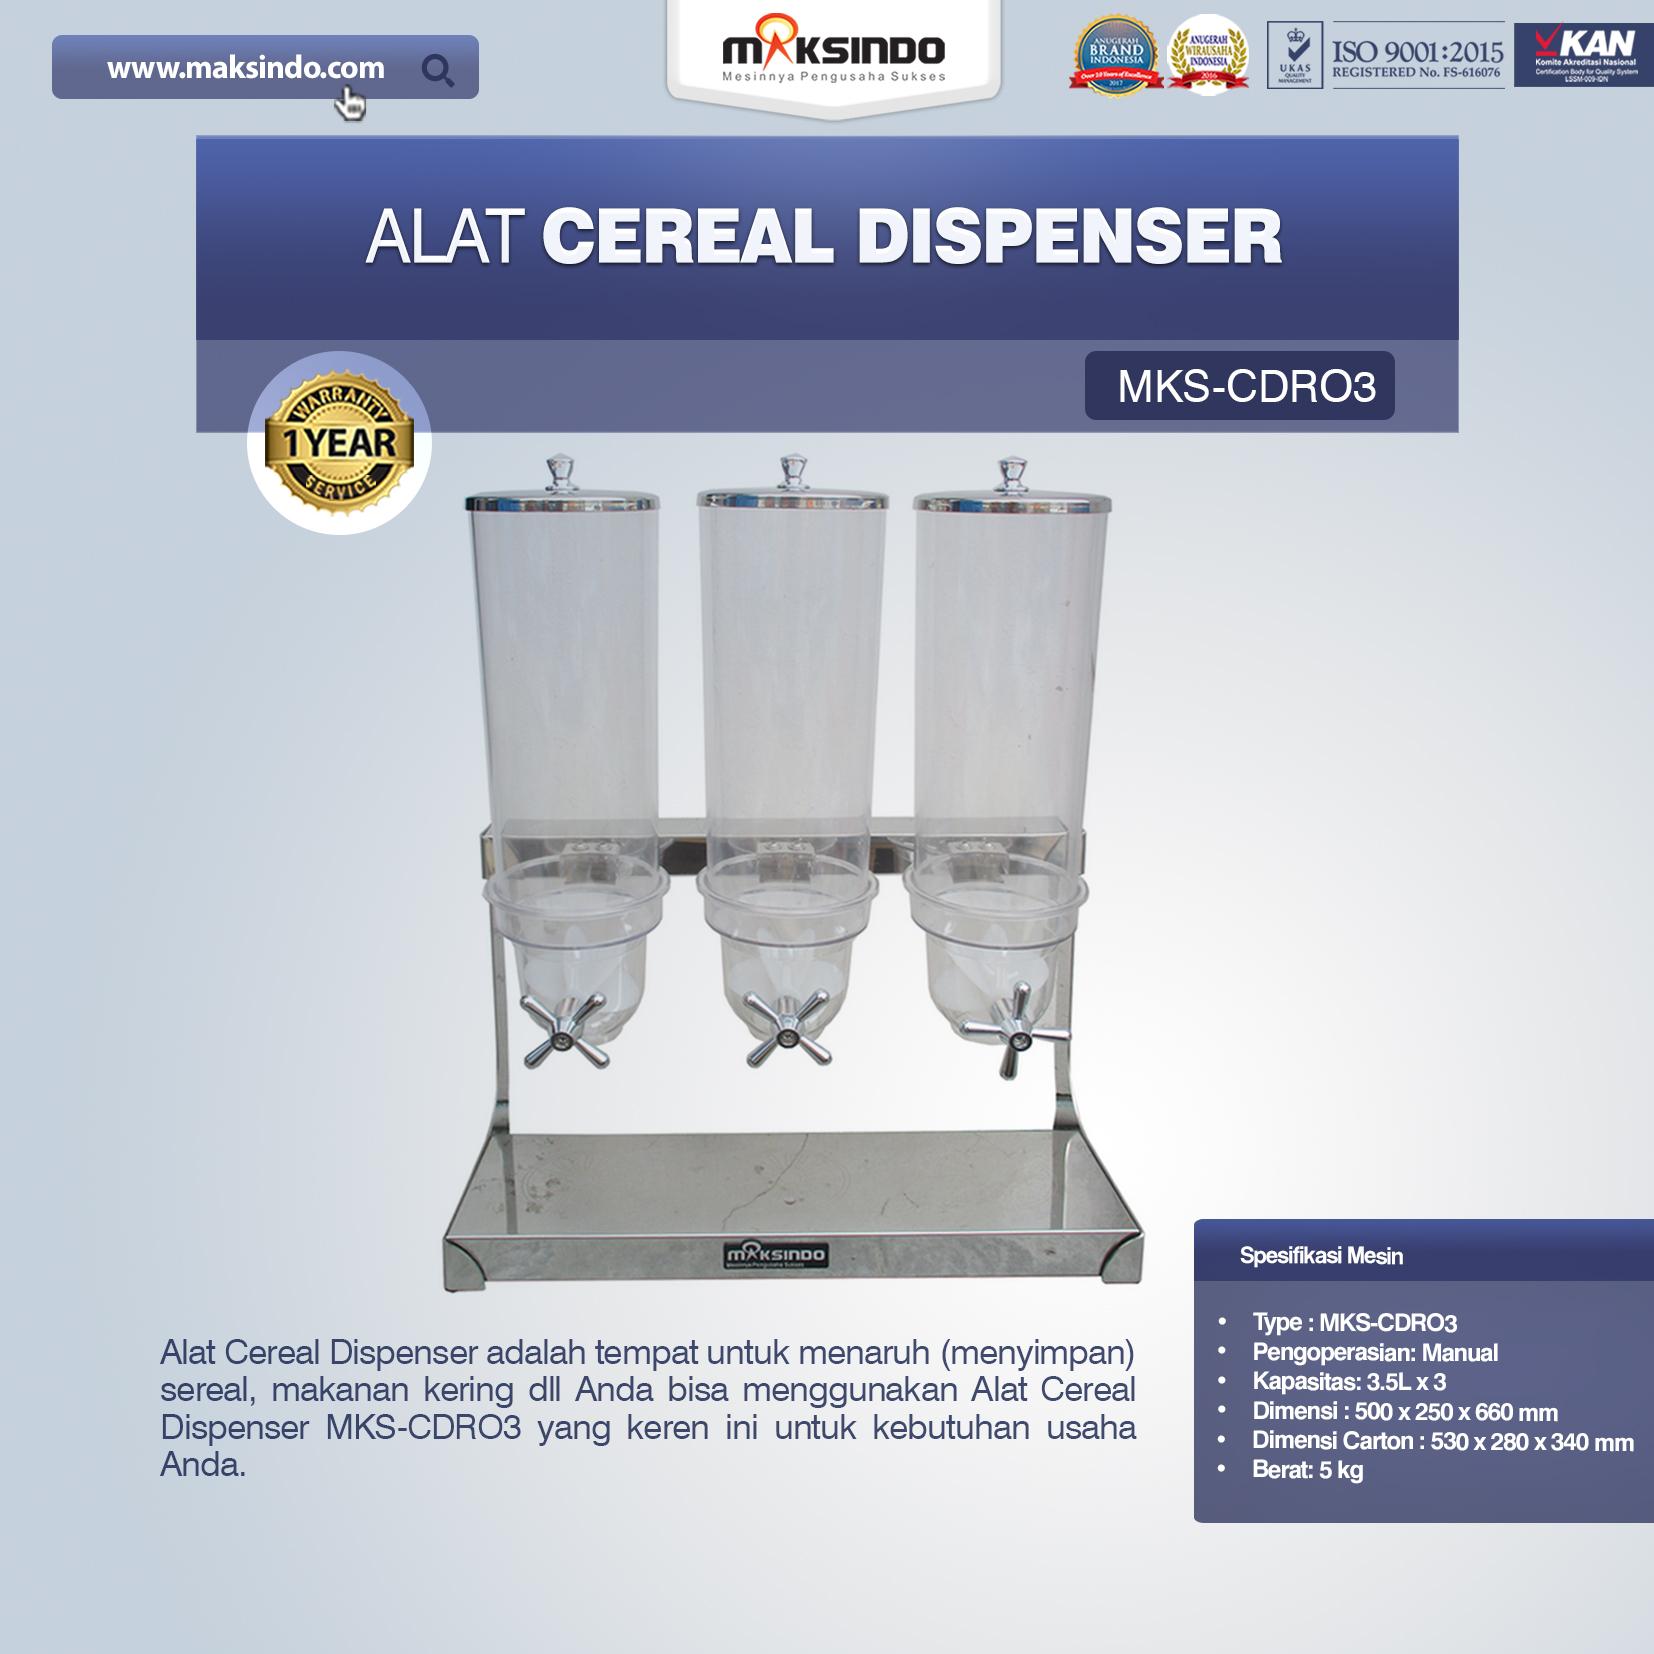 Jual Alat Cereal Dispenser MKS-CDR03 di Bekasi